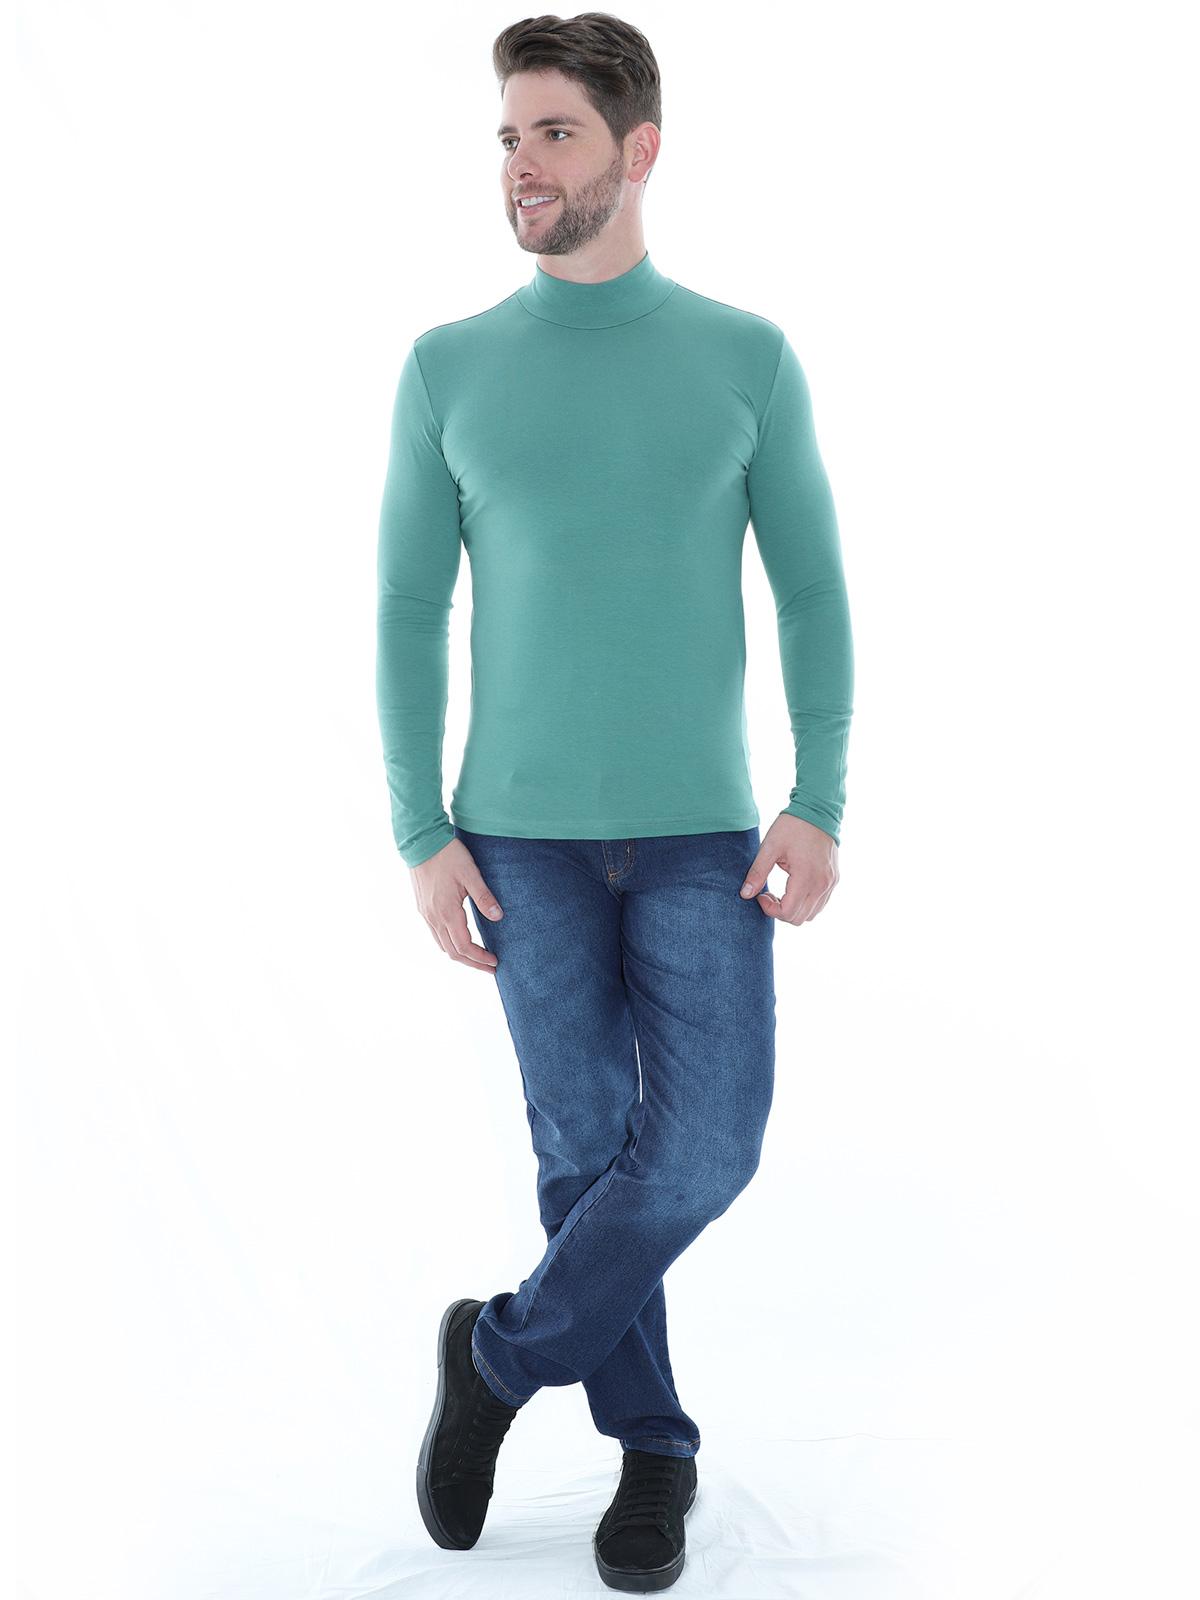 Blusa Masculina Anistia Gola Alta Slim com Elastano Verde